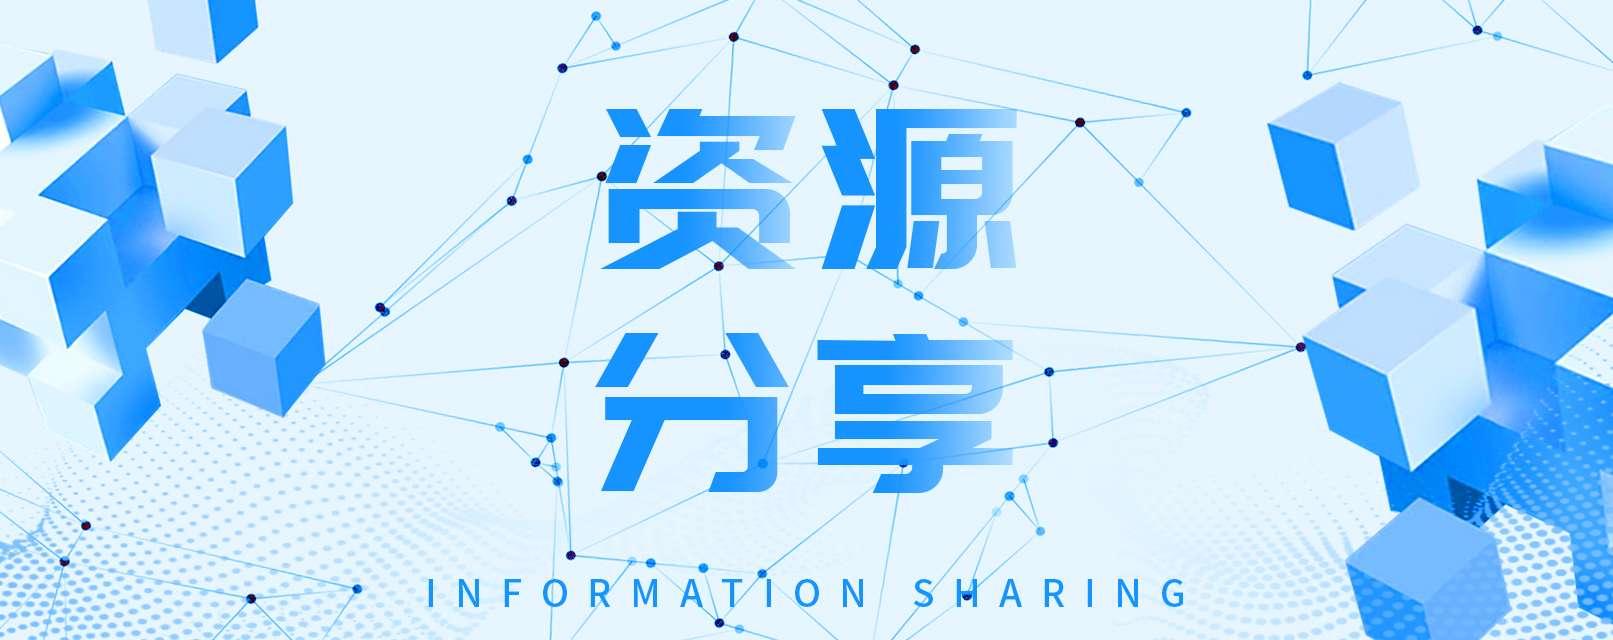 【爱软件更爱分享】腾讯视频(谷歌版)